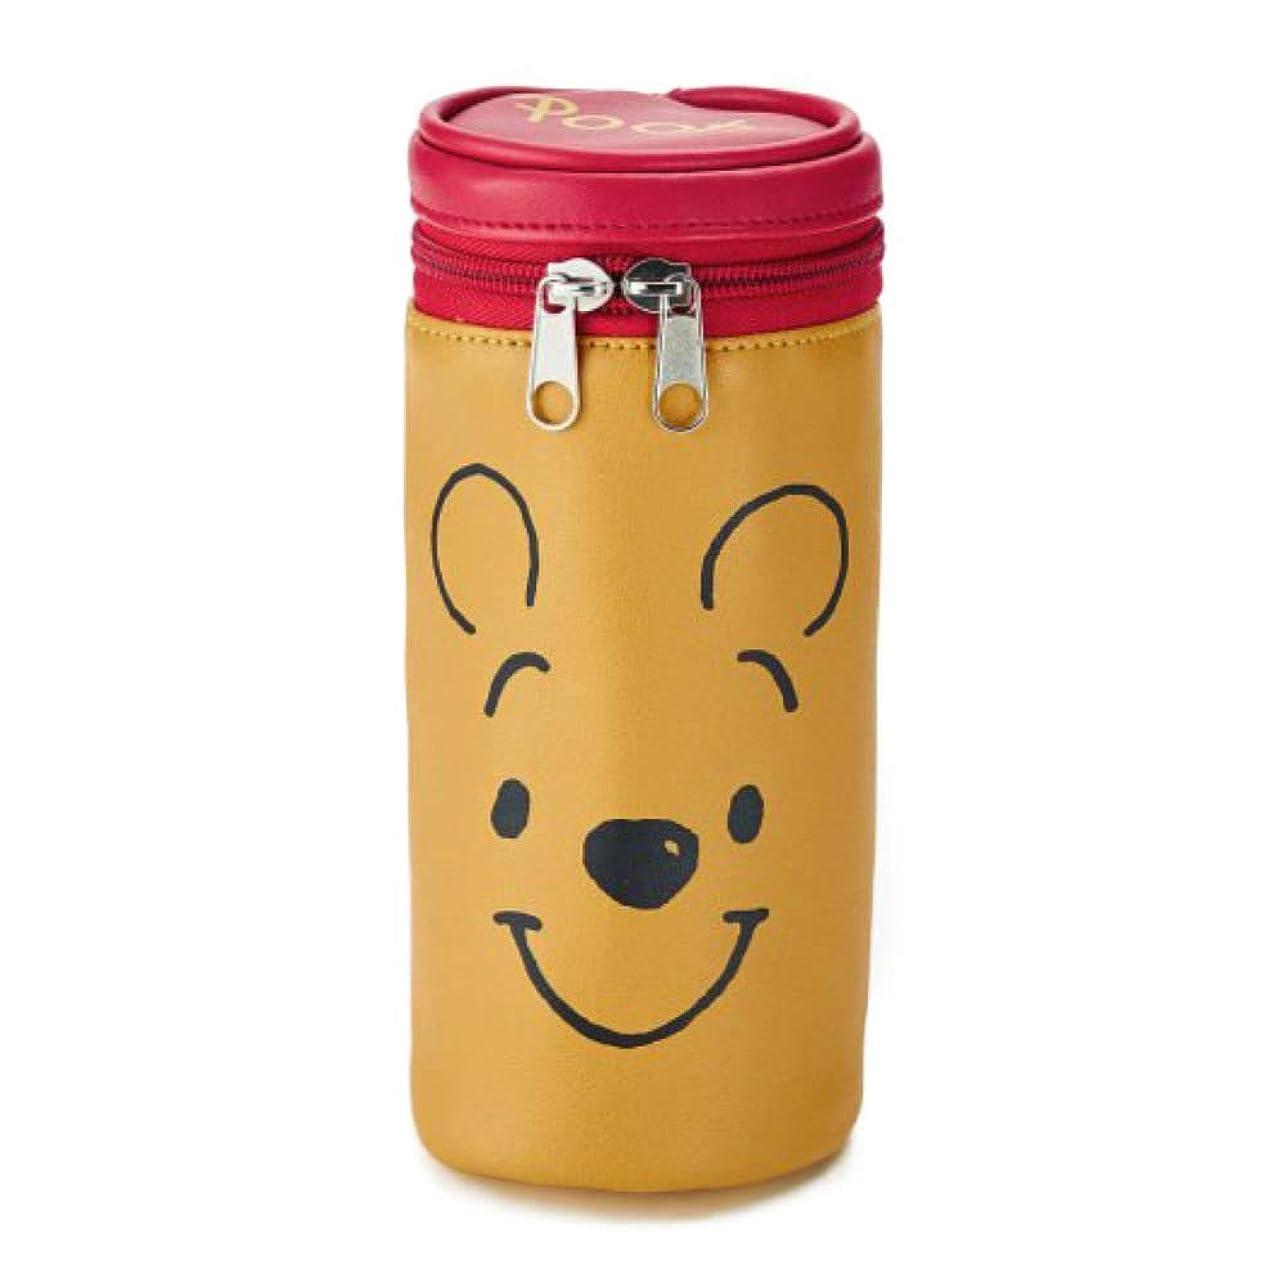 オープナーけがをするスナック[ベルメゾン]ディズニー ポーチ 小物入れ 筒型マルチポーチ カラー くまのプーさん(イエロー)